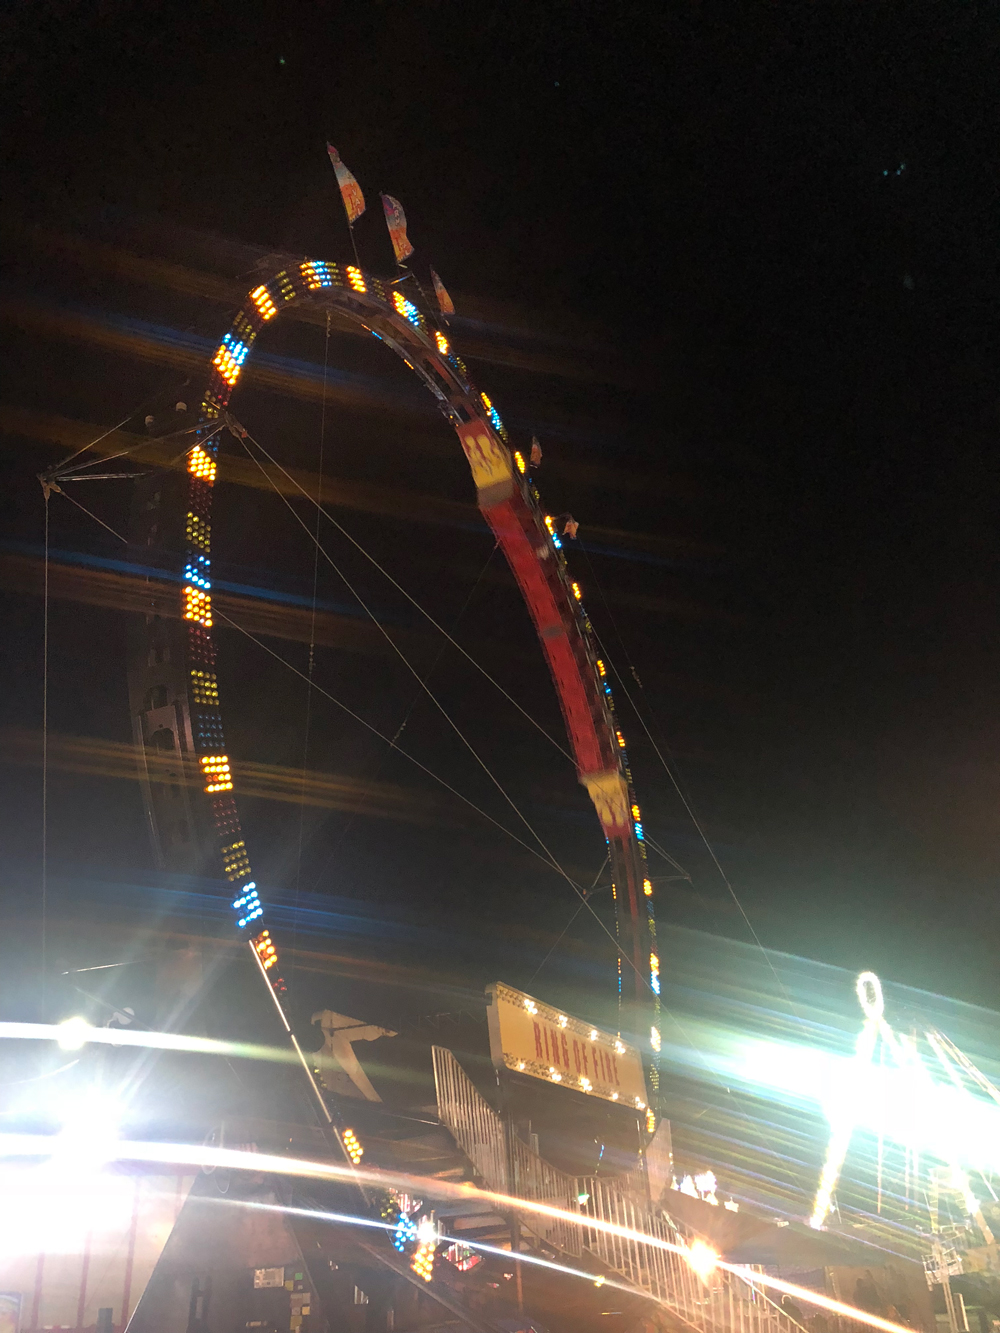 union-county-fair-games-rides (1)